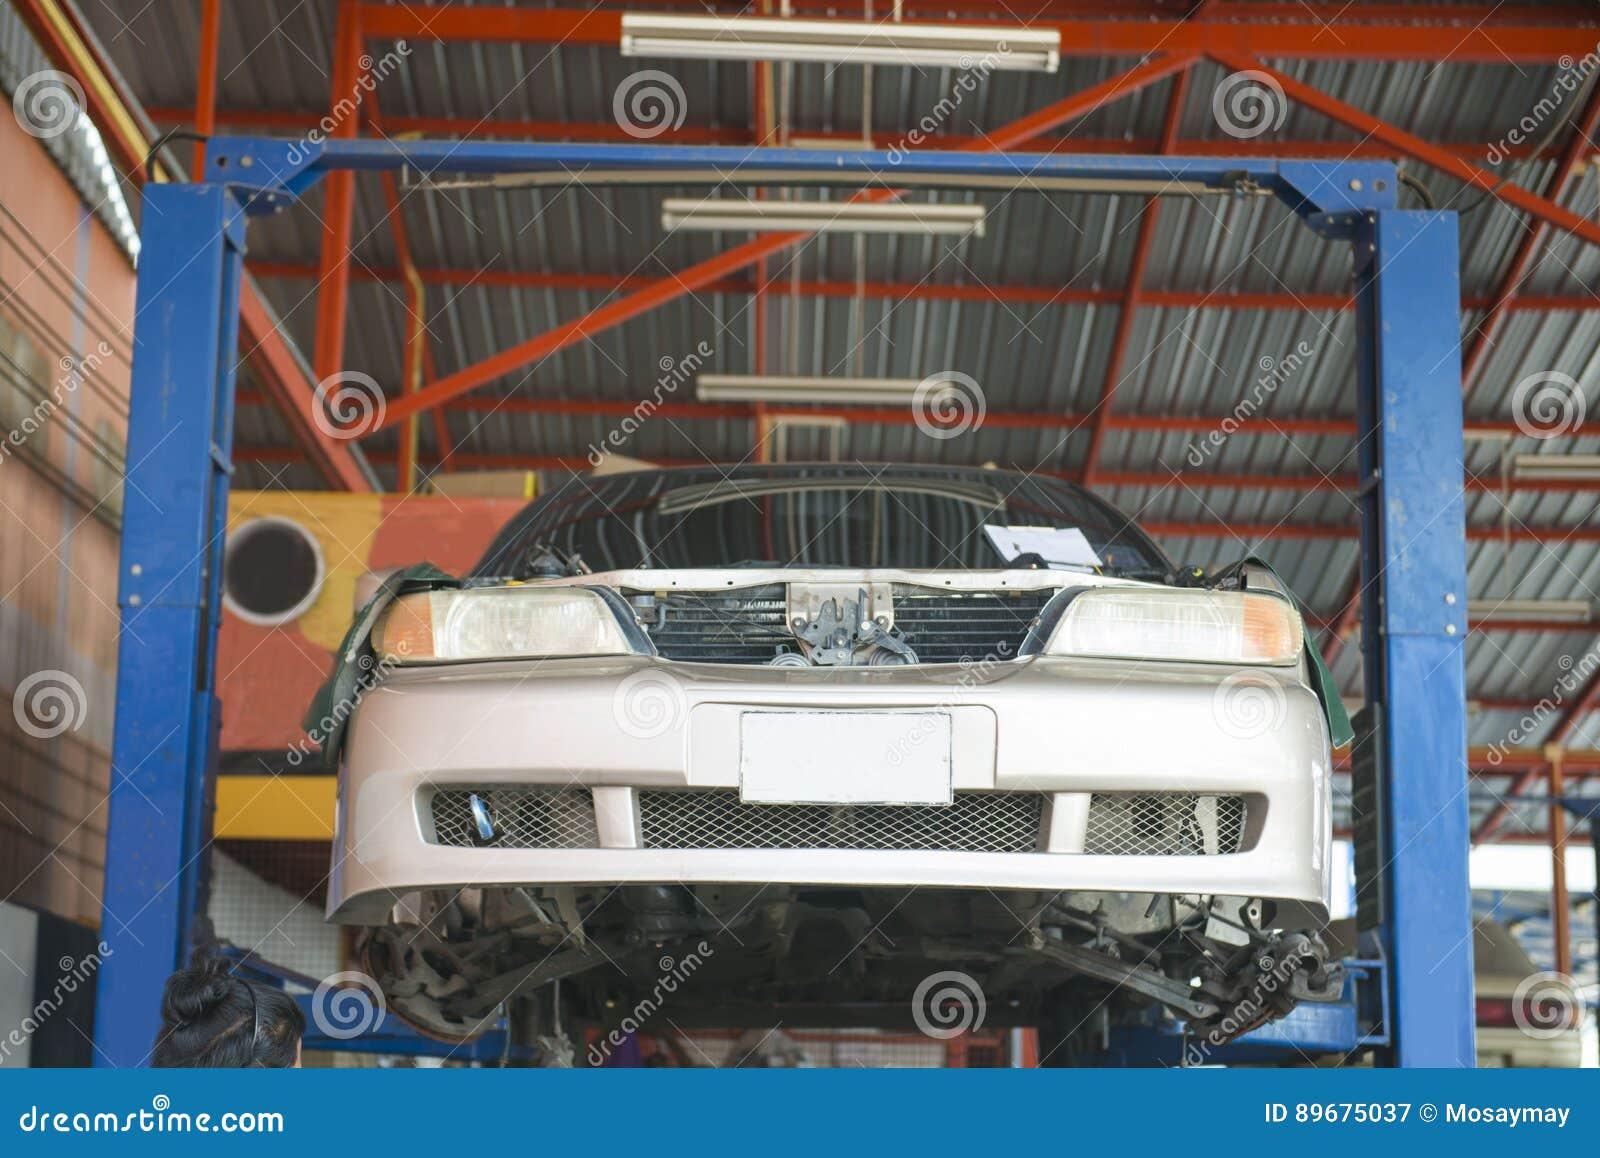 La machine de levage soulèvent une voiture cassée pour la difficulté